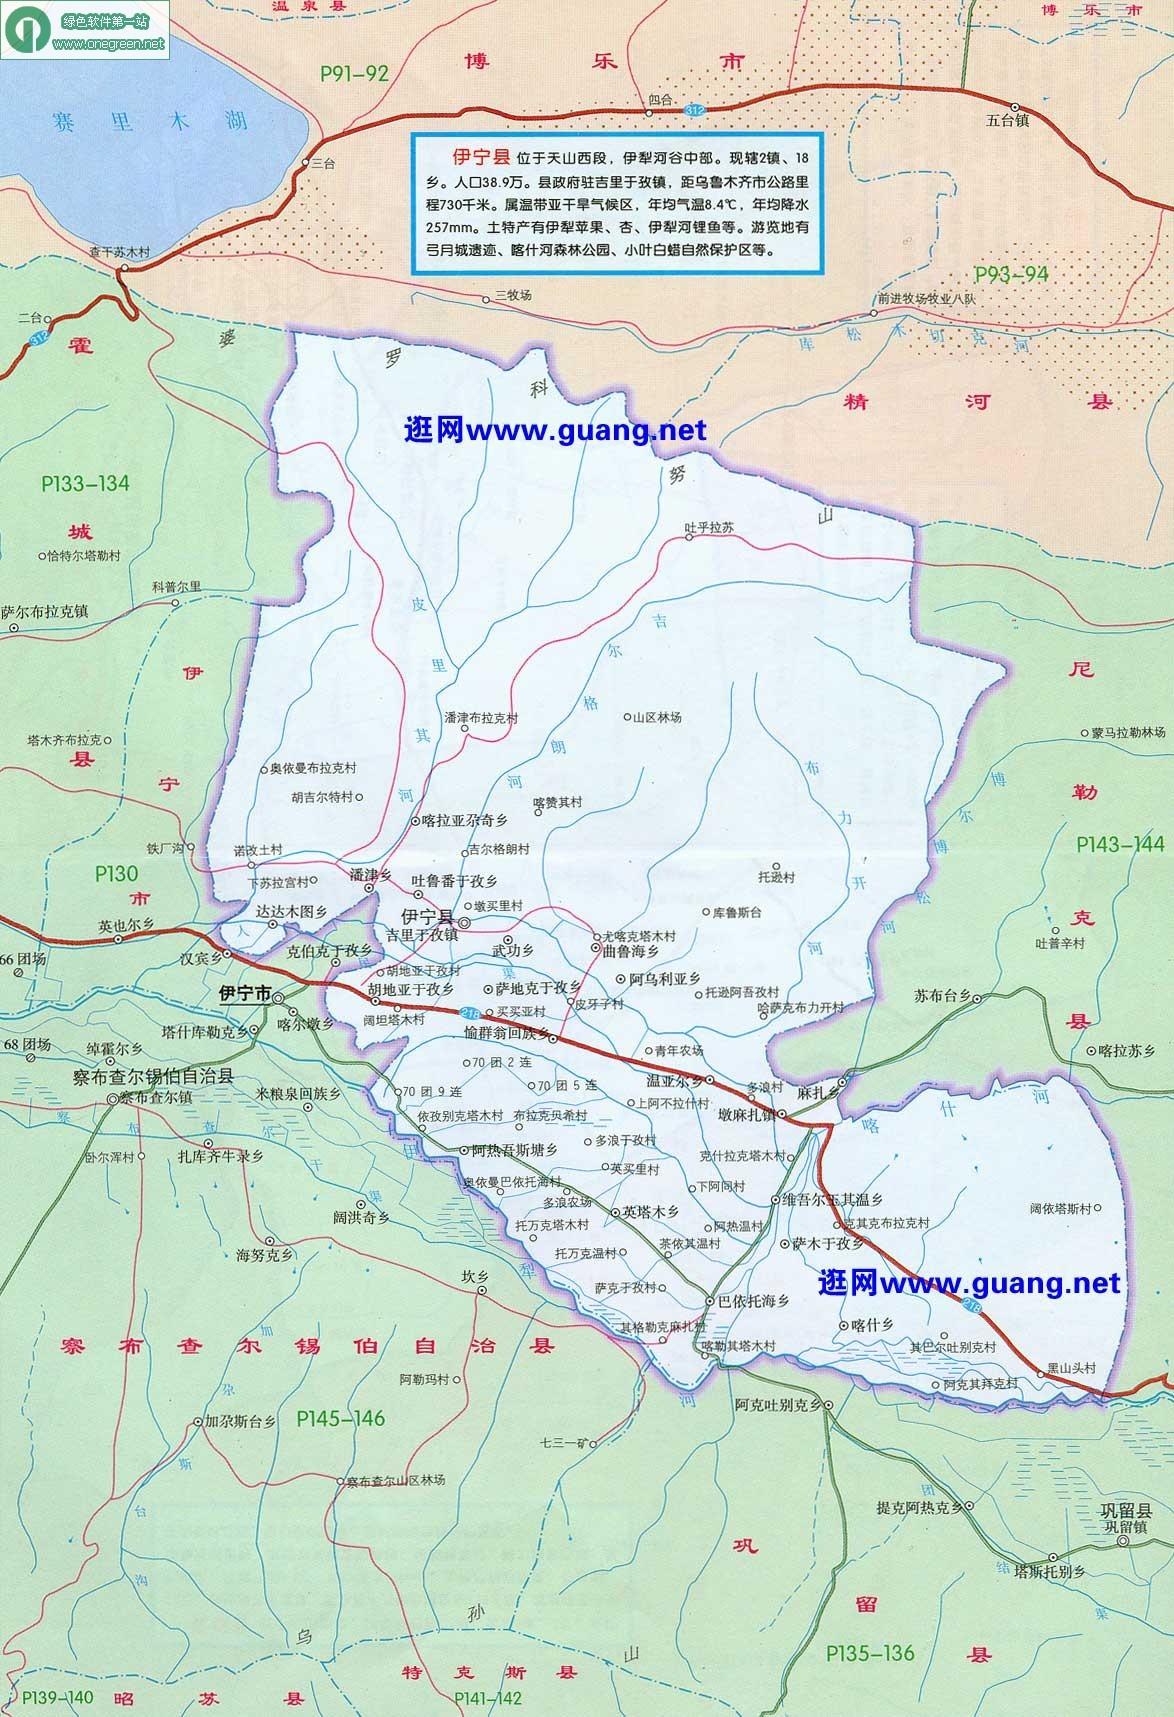 地图 1174_1717 竖版 竖屏